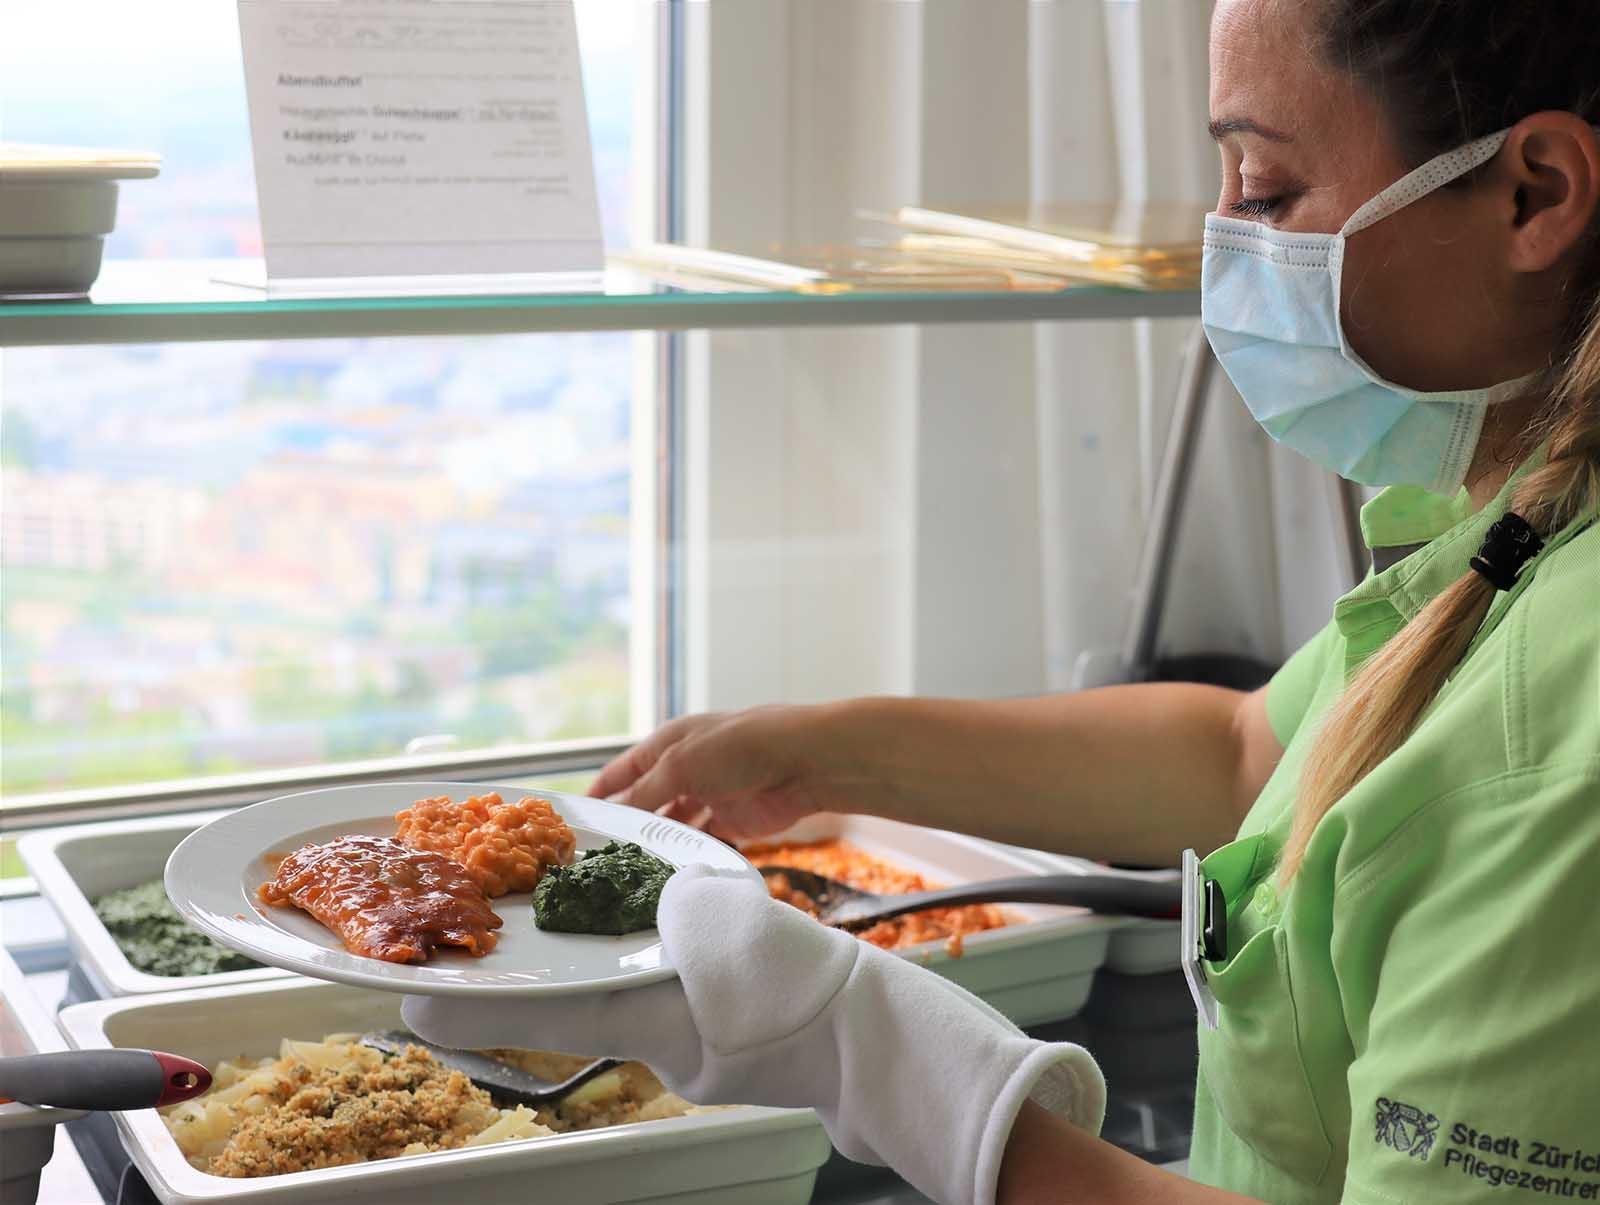 Teller anrichten - eine neue Erfahrung und Aufgabe für das Pflegepersonal.